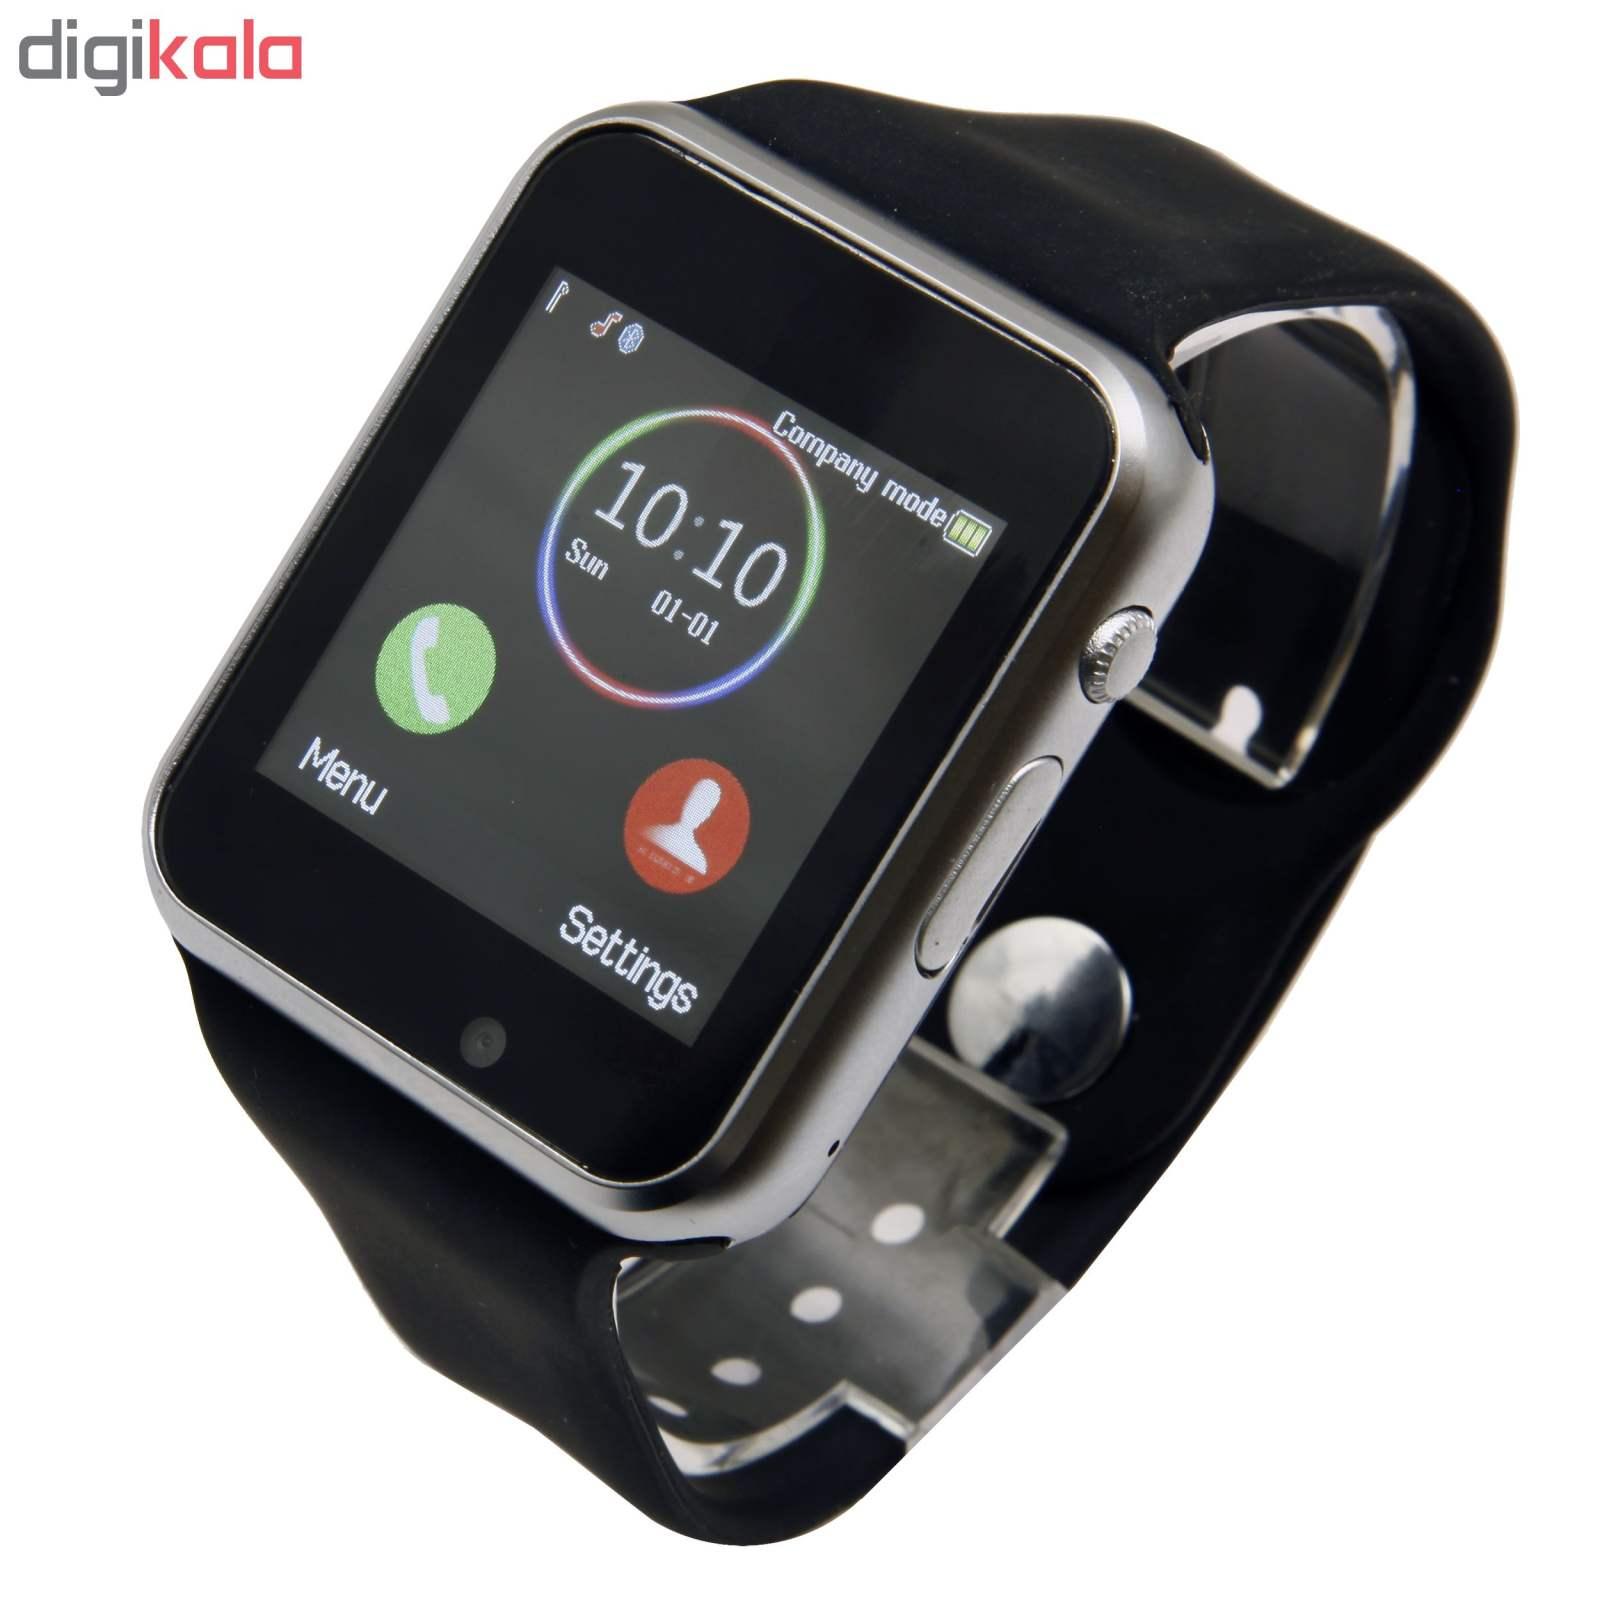 ساعت هوشمند جی تب مدل W101 main 1 22